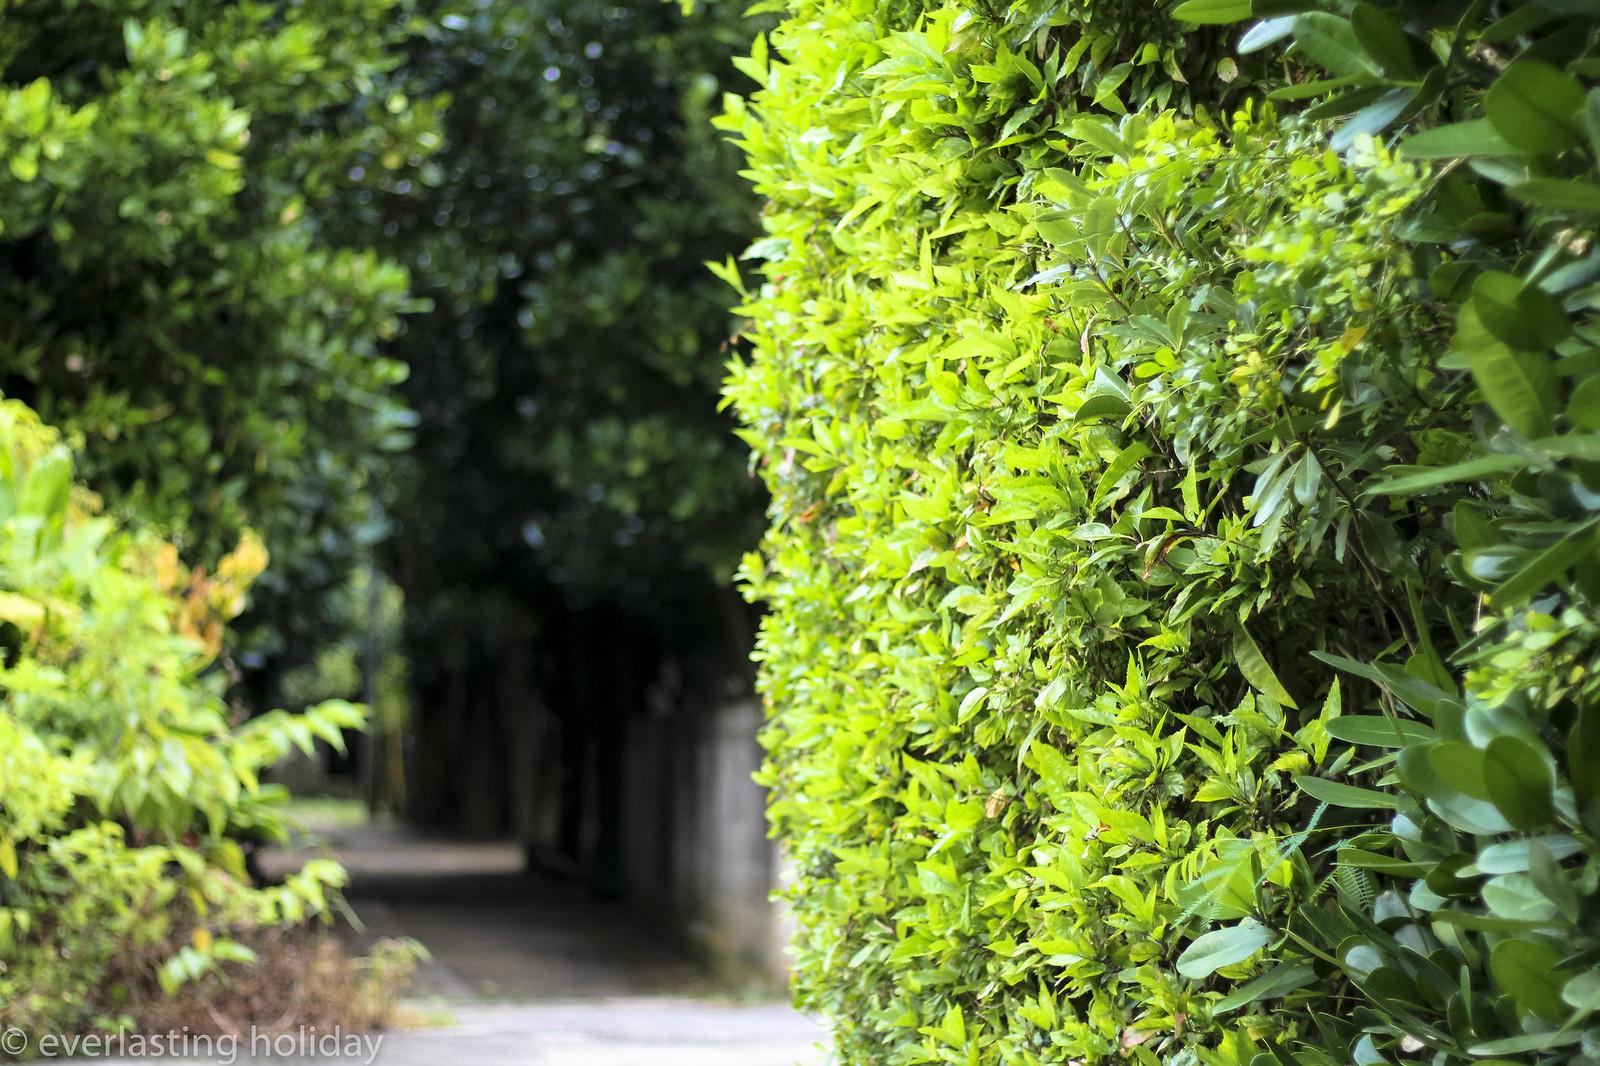 備瀬フクギ並木通り Bise Fukugi Tree Road-0005